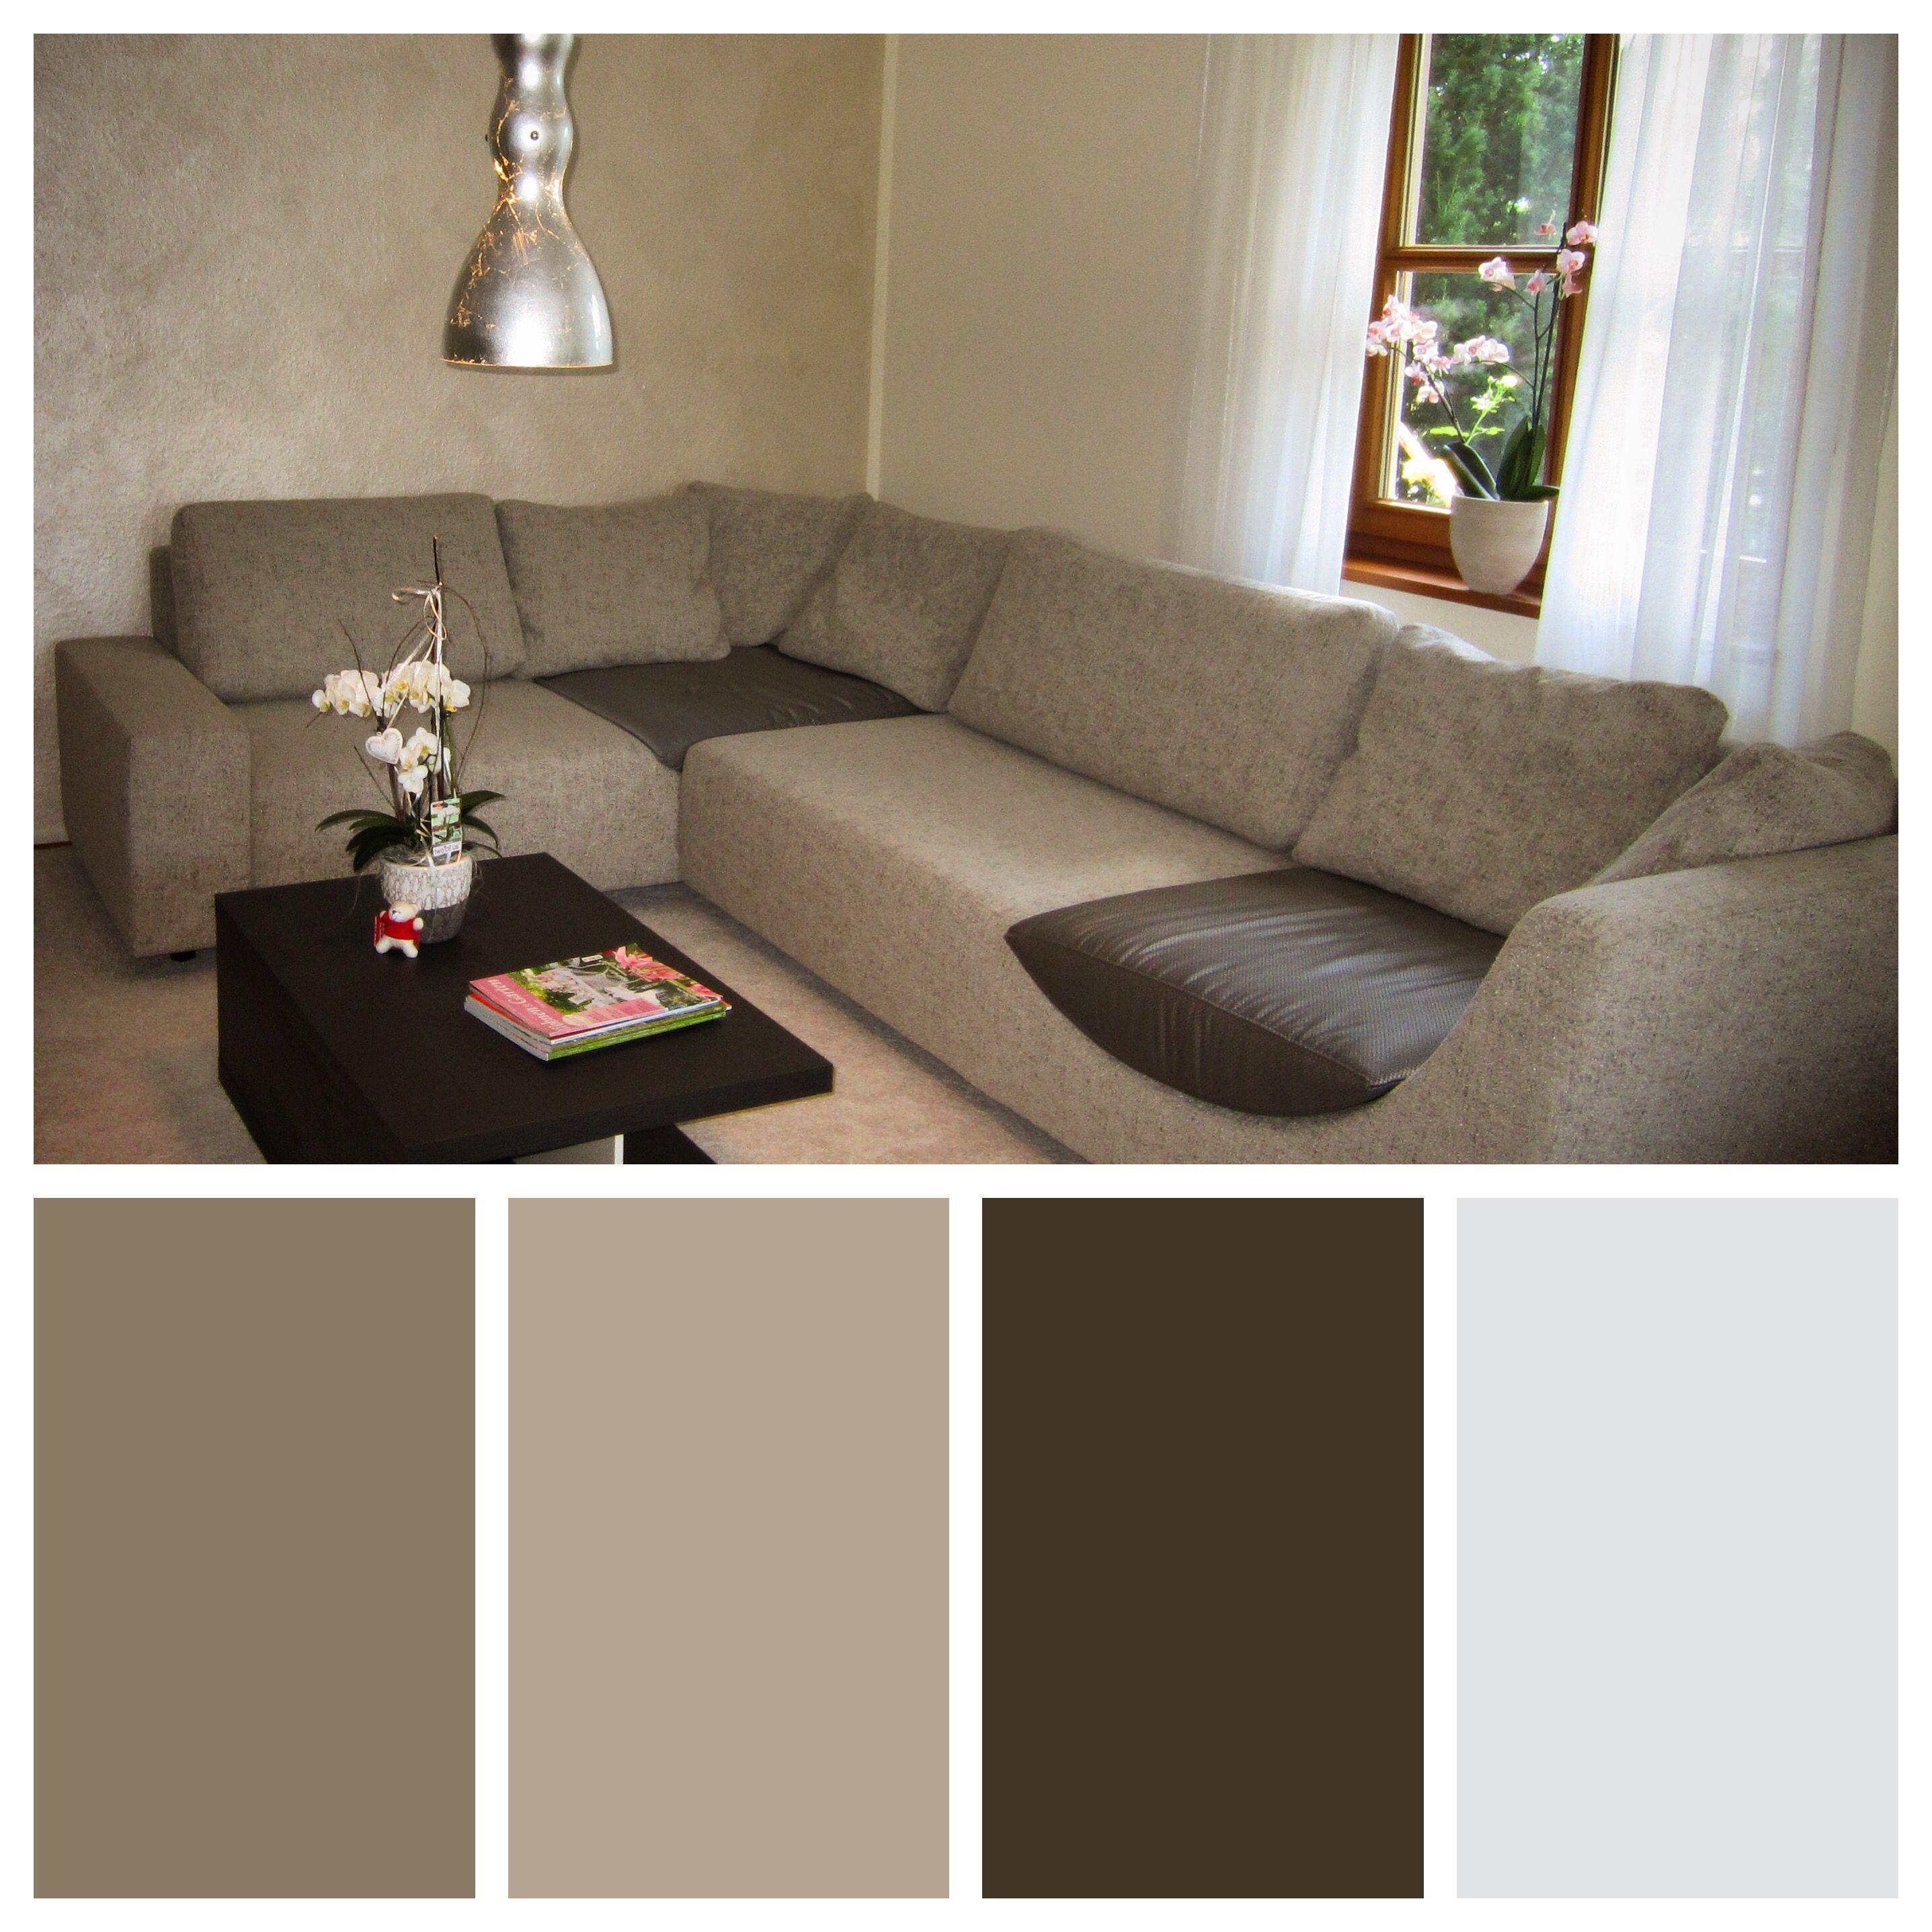 Wohnzimmer Gemütlich | Wohnzimmer Ideen Gemutlich Einzigartig ...